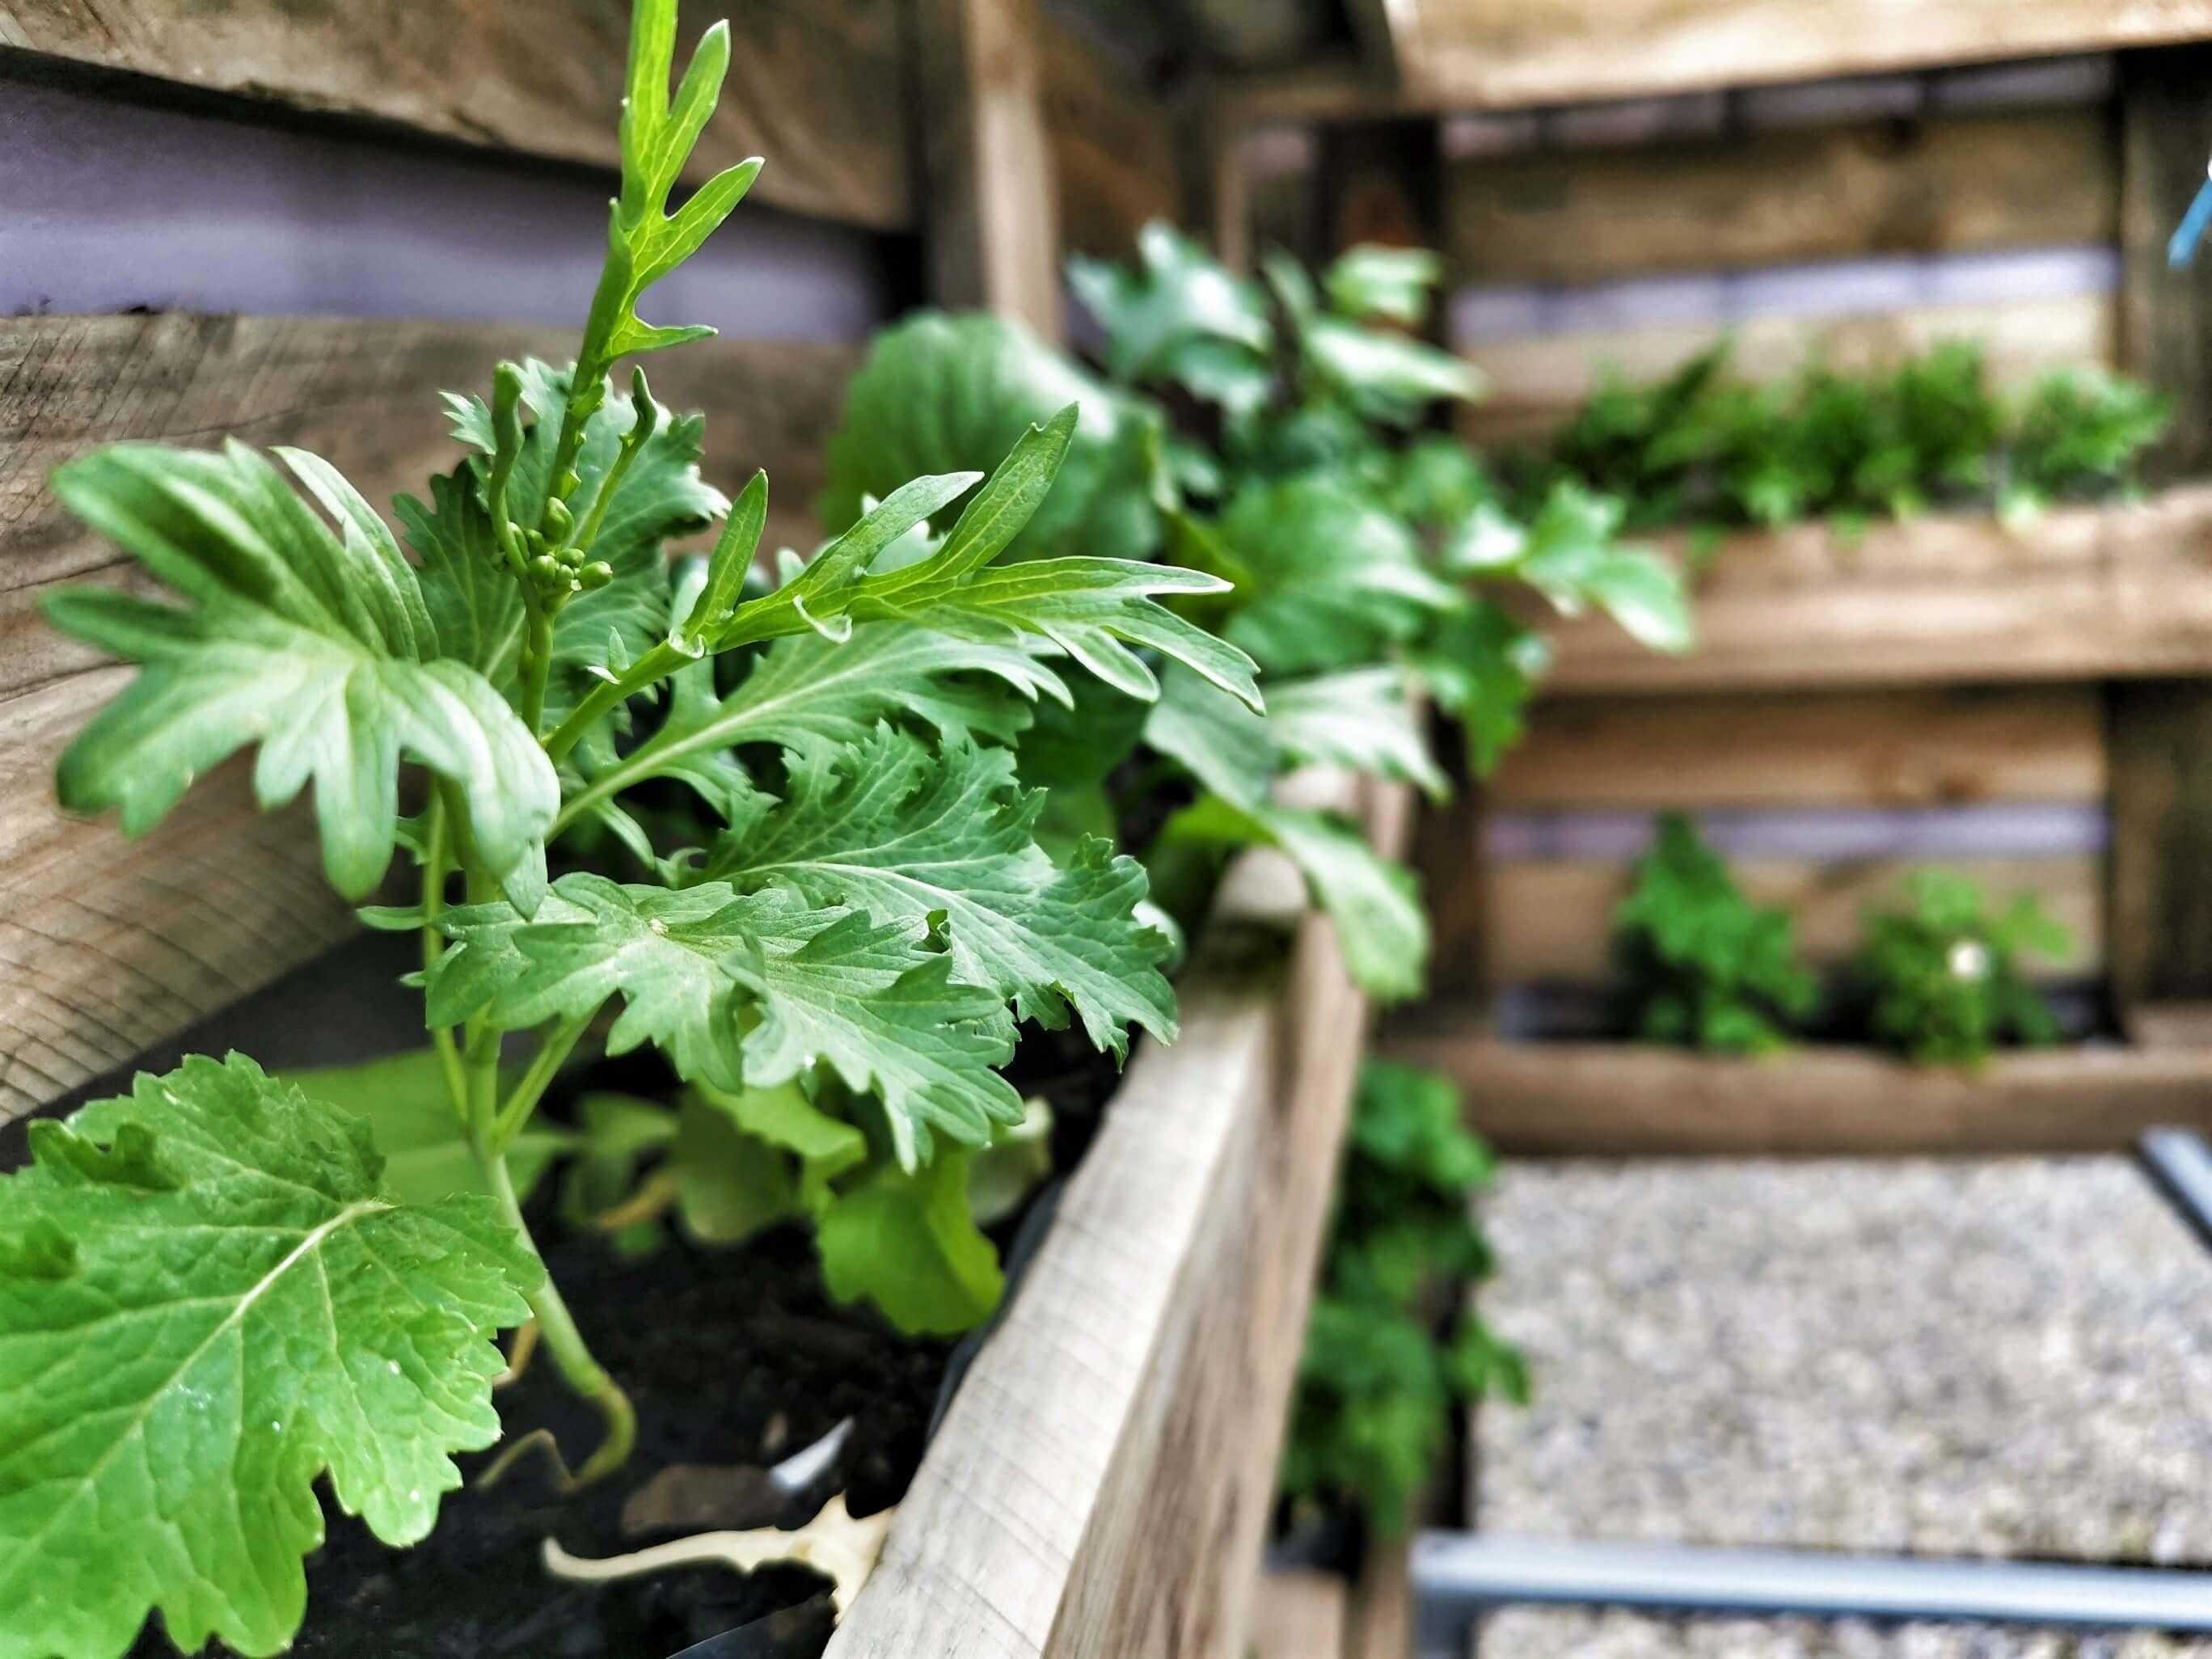 IMG 20190616 182730 02 resized 20190629 090245220 - Zaostrené na palety: Ako si vyrobiť stojan na bylinky?